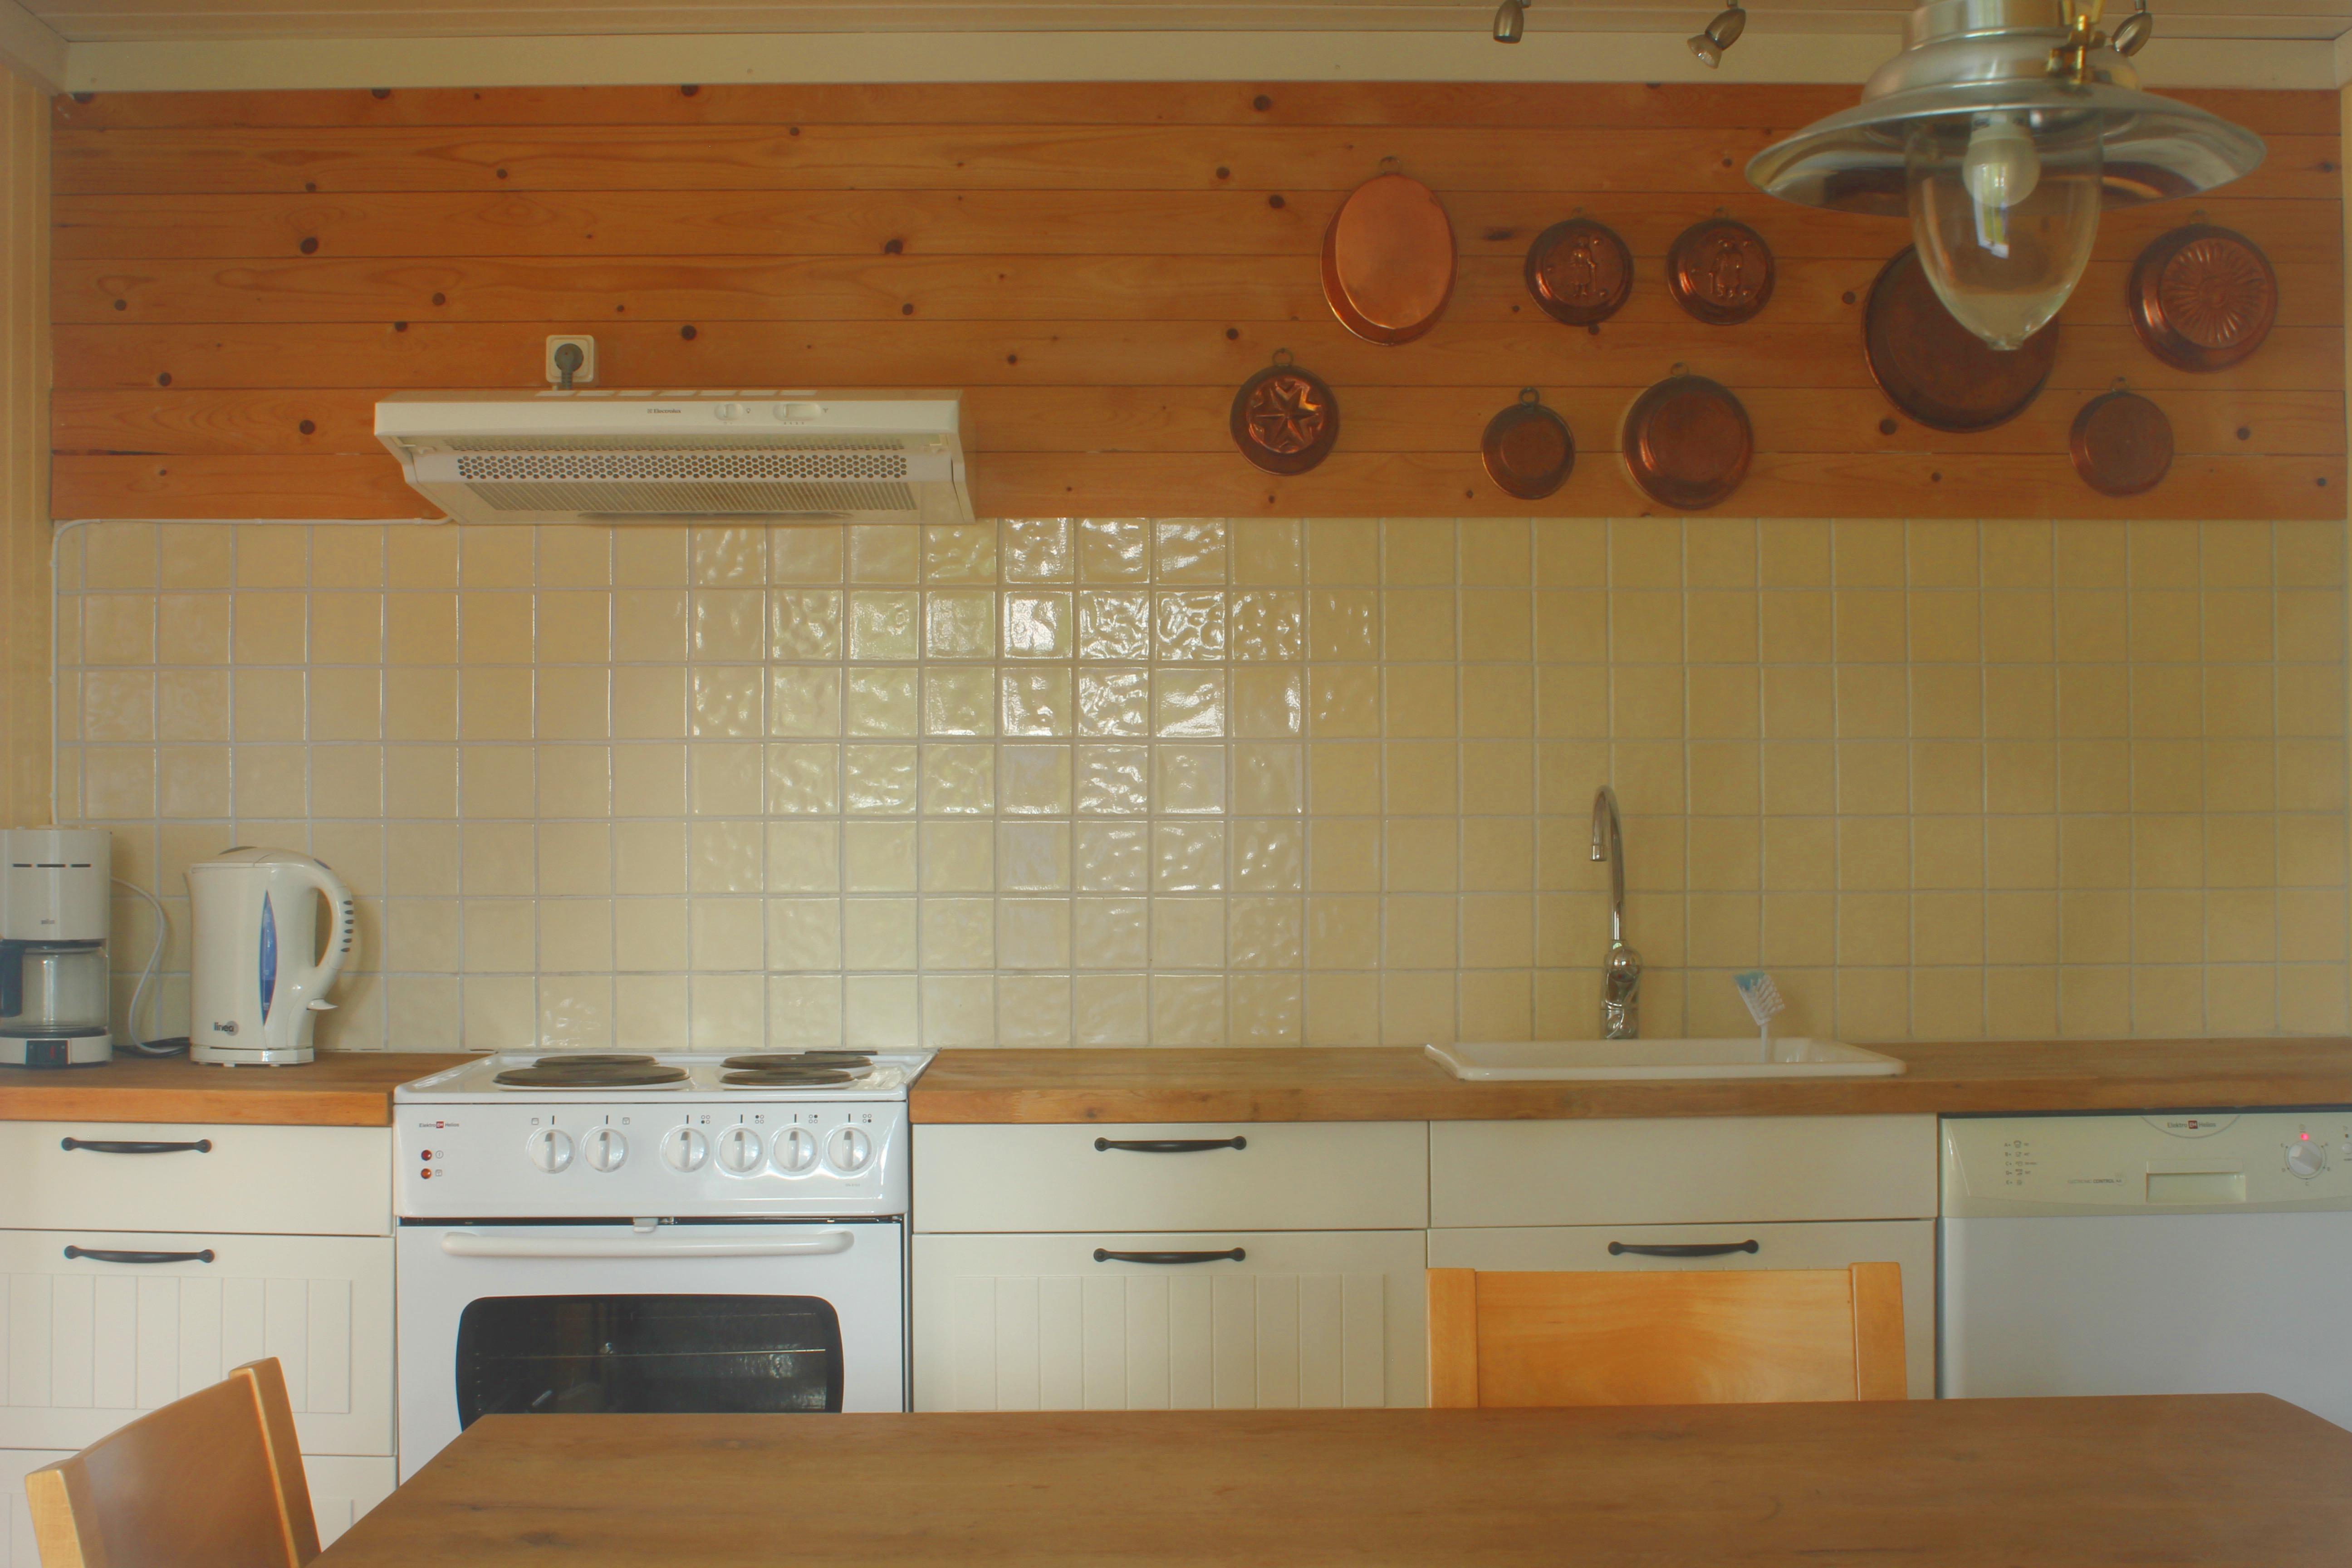 keuken vakantiehuis in zweden